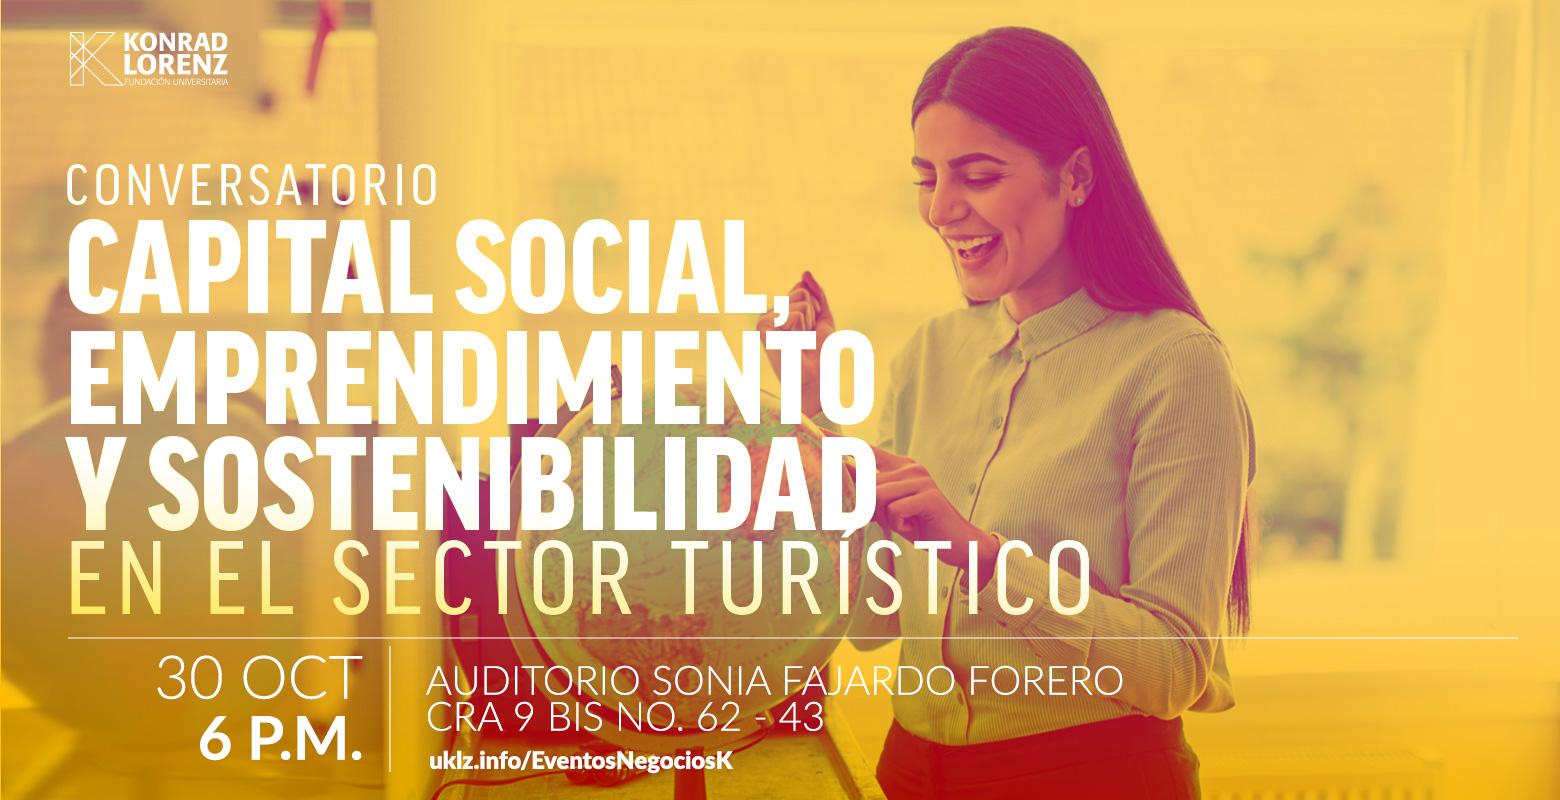 Conversatorio: Capital Social, Emprendimiento y Sostenibilidad en el Sector Turístico